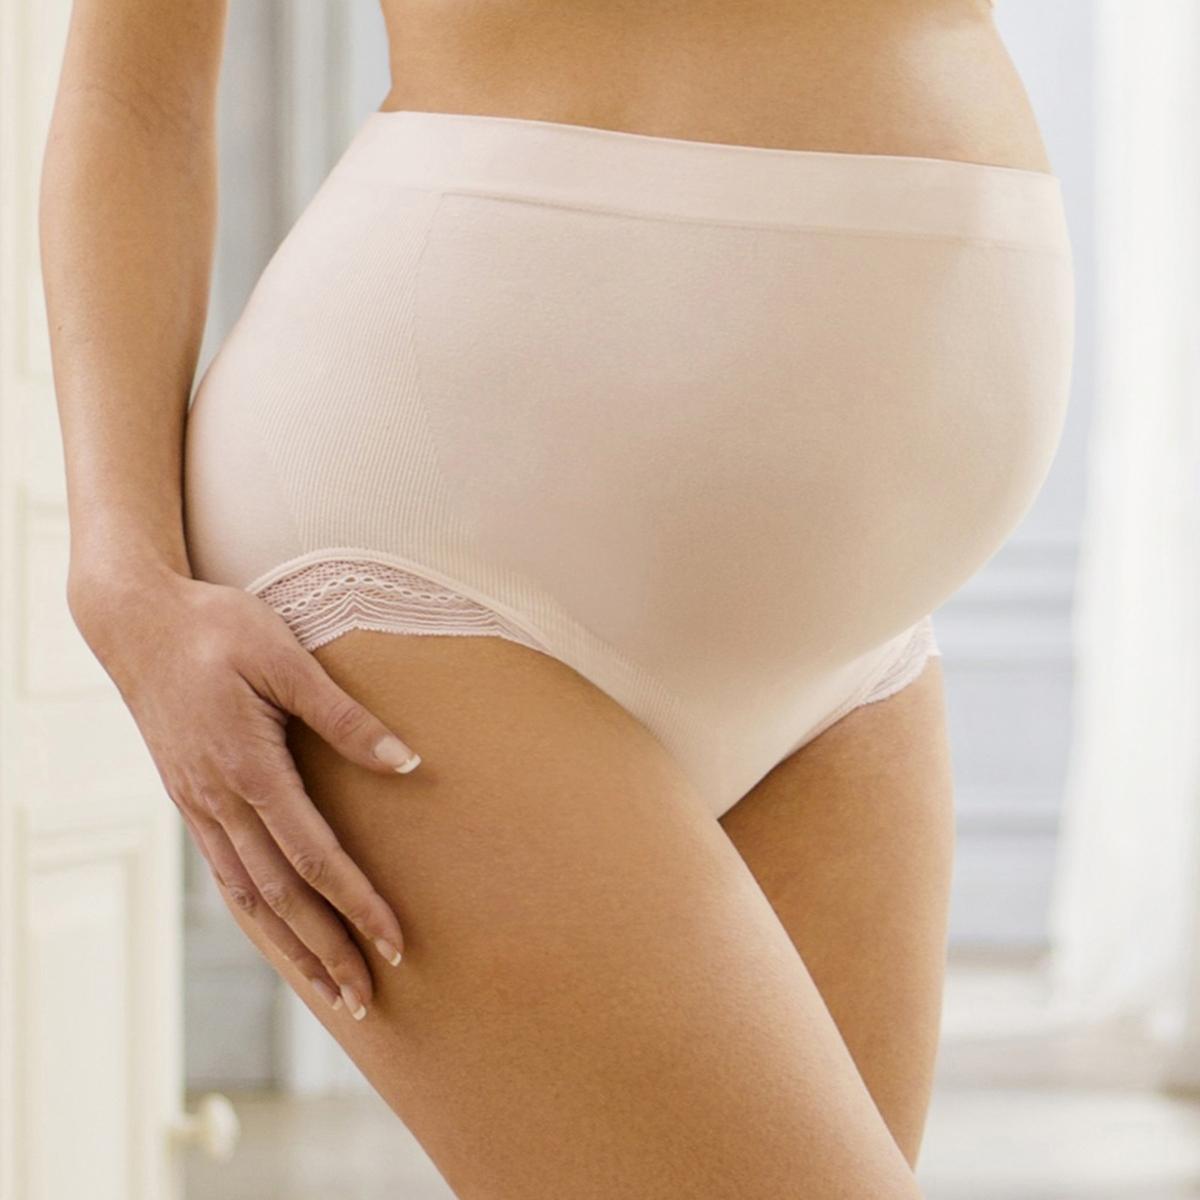 Трусы для беременных SerenityТрусы для беременных Serenity от Cache Coeur. Бесшовные трусы скрывают живот и создают иллюзию второй кожи. Кружевные снизу. Укрепление под животом и сзади обеспечивает идеальную поддержку. Ластовица на подкладке. Состав и описаниеМарка: CACHE COEURМодель: SerenityМатериалы: 84% вискозы, 14% полиамида, 2% эластанаУходСтирка при 30°C на деликатном режиме с вещами схожих цветов.<br><br>Цвет: лепесток,черный<br>Размер: XL.L.S